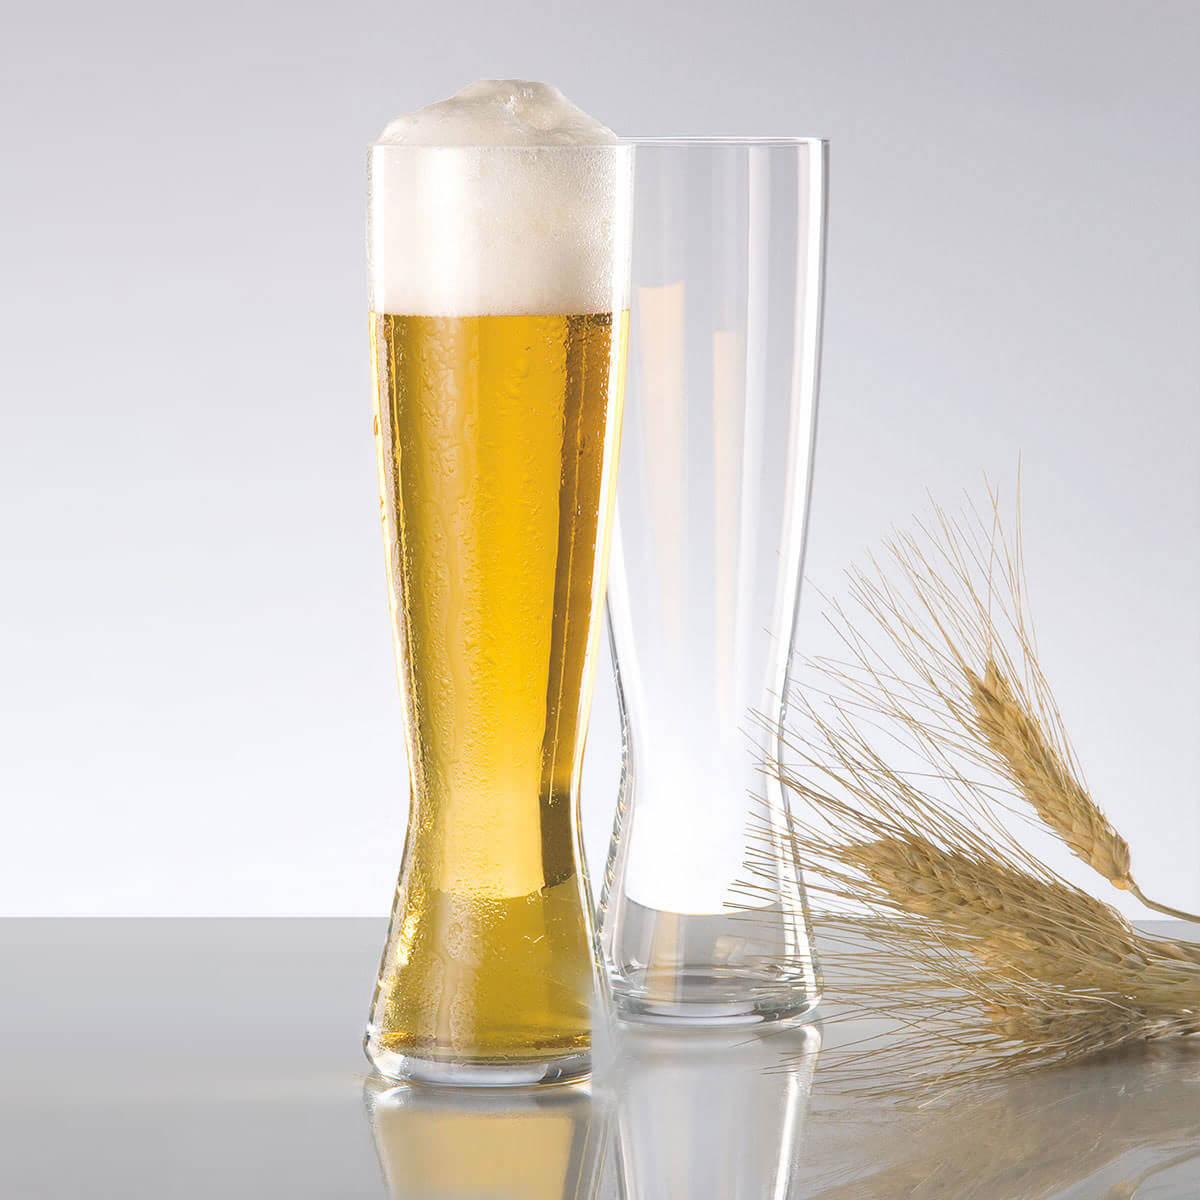 A Dortmunder Export Lager in a Pilsner Glass